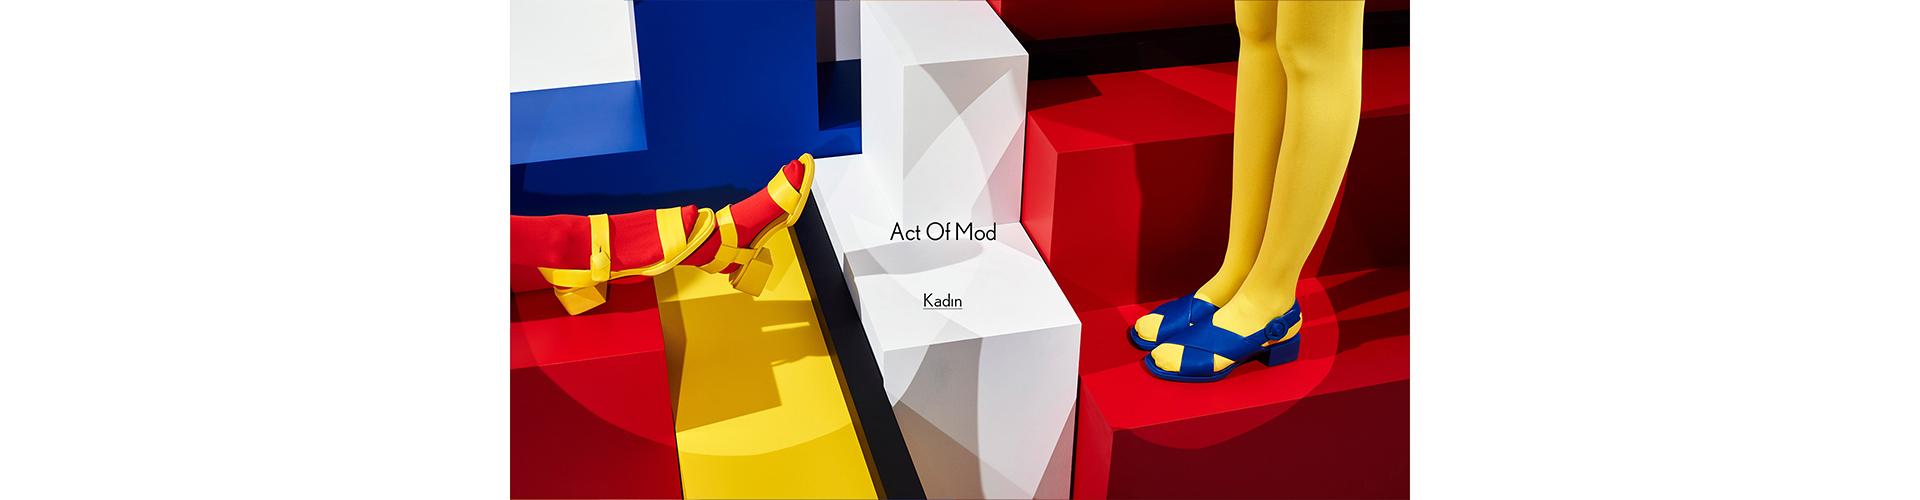 act mode / block star